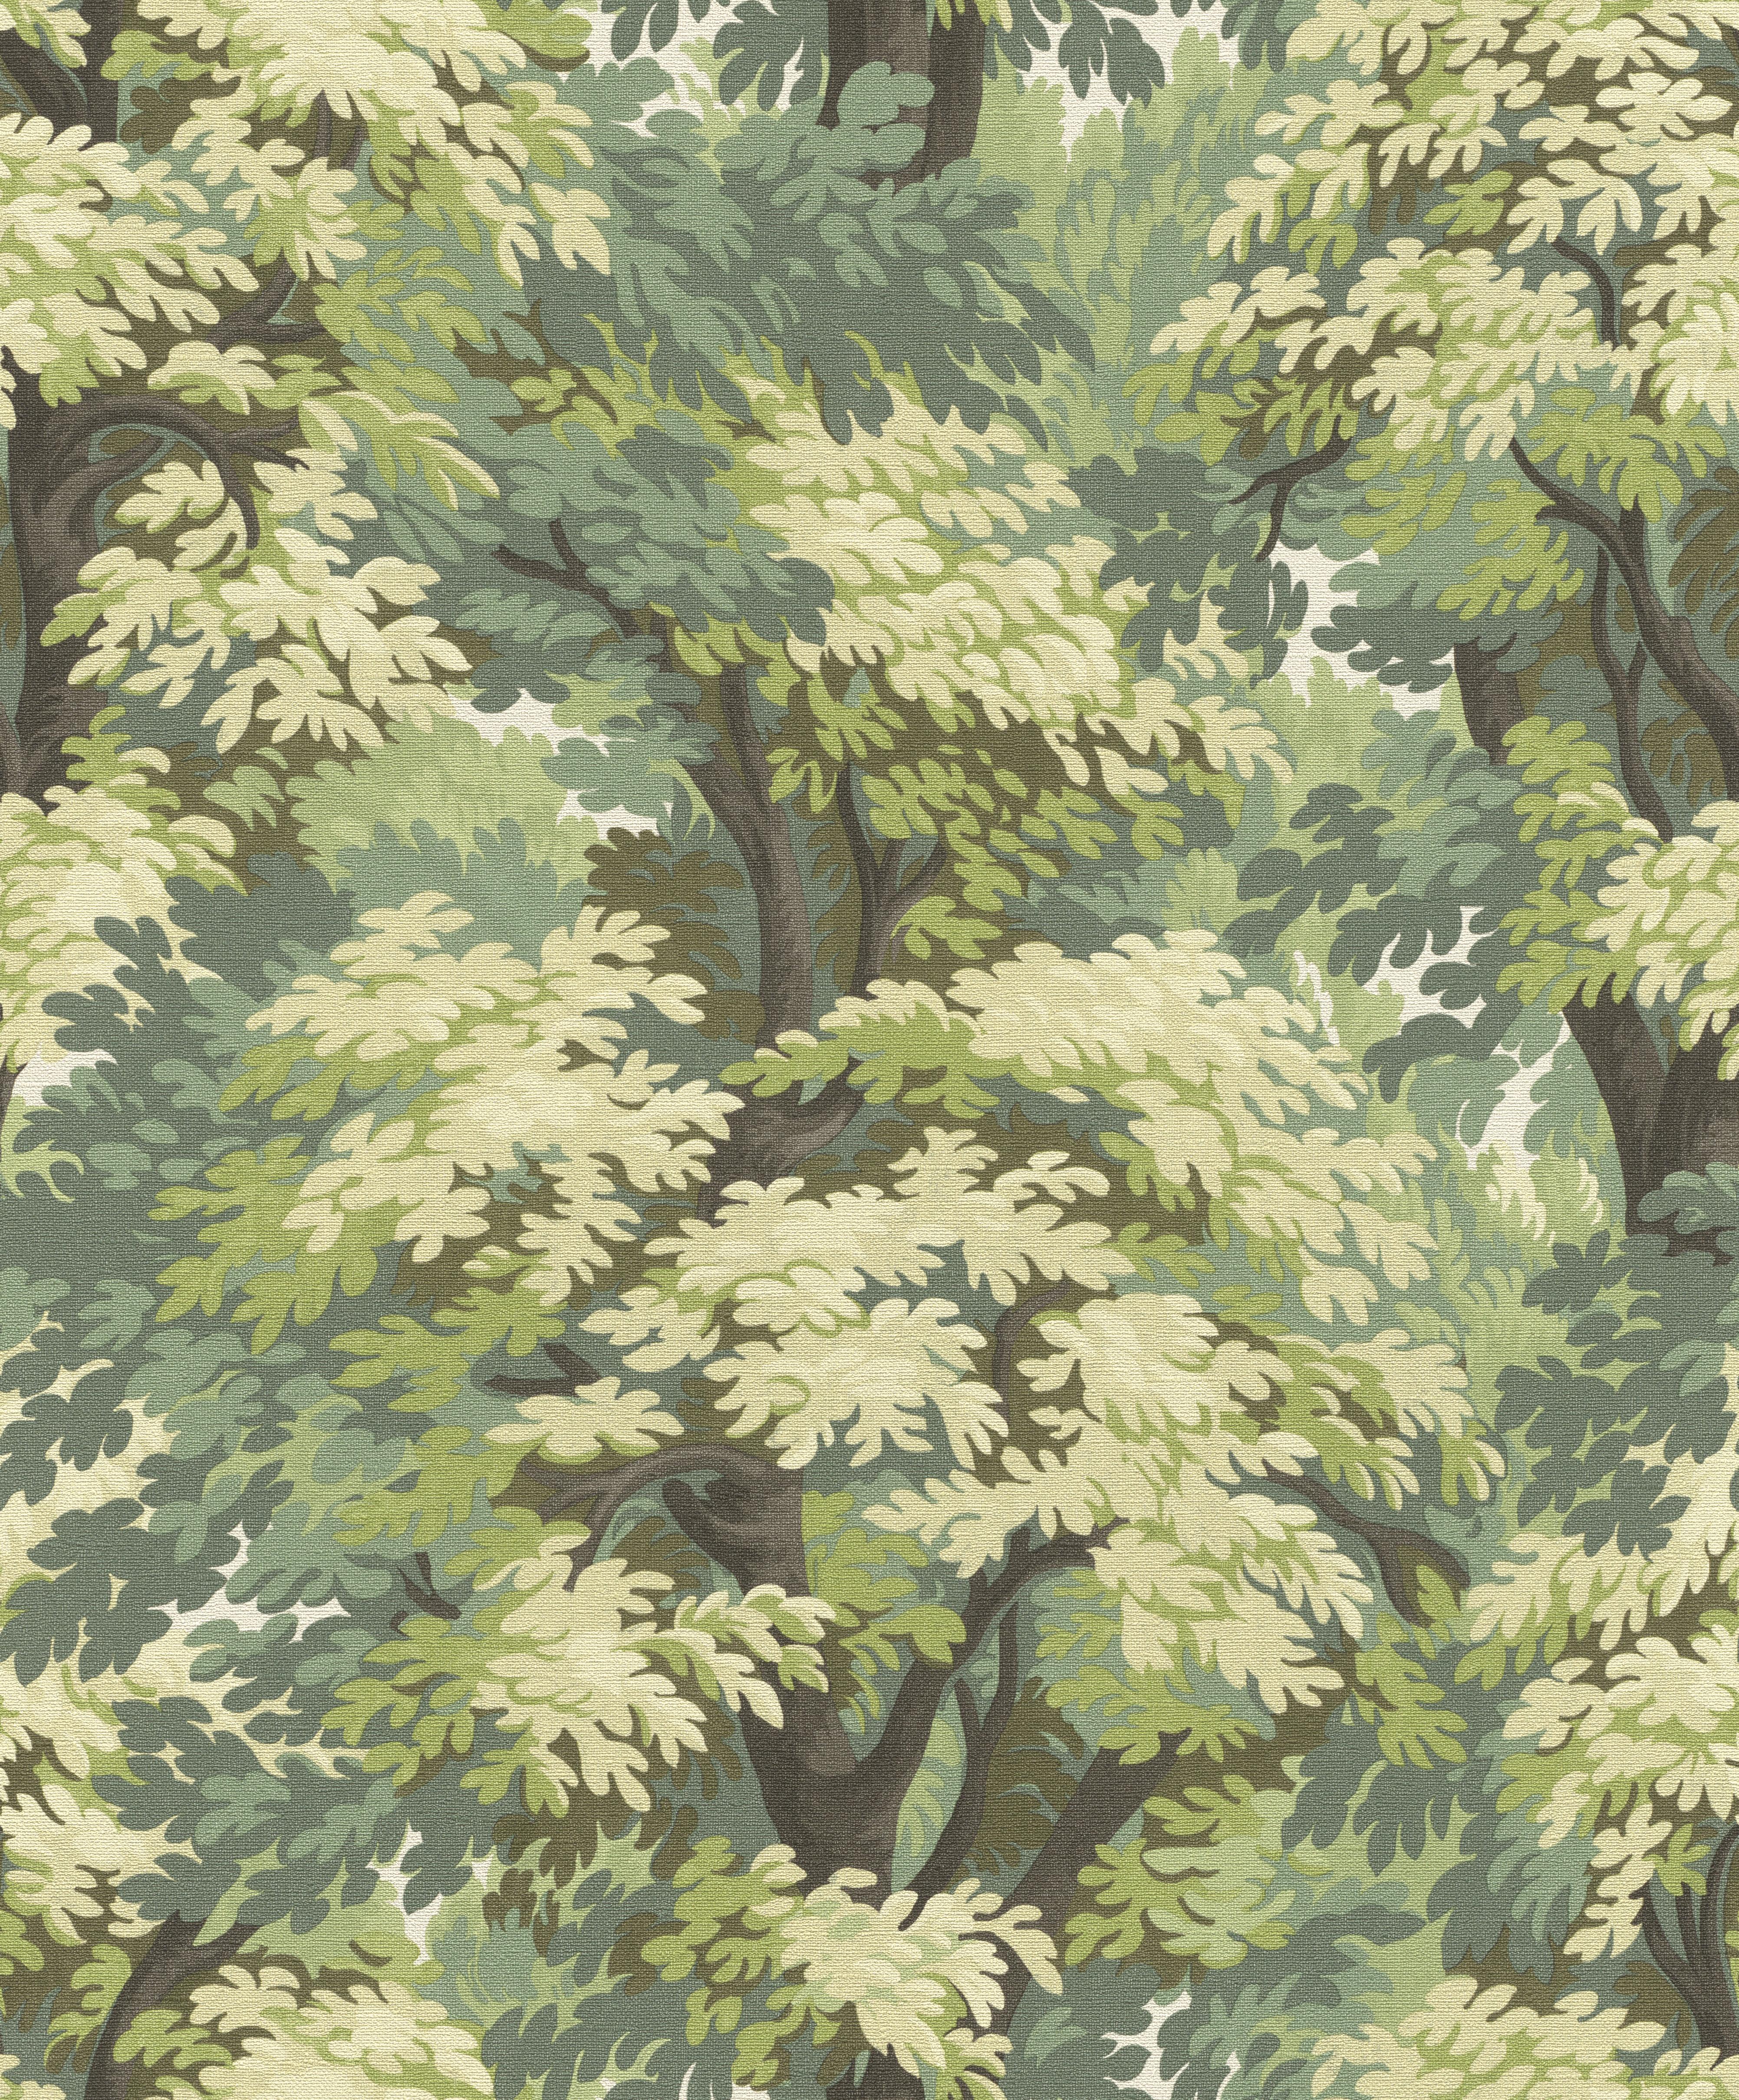 Erdő mitás tapéta zöld színekkel